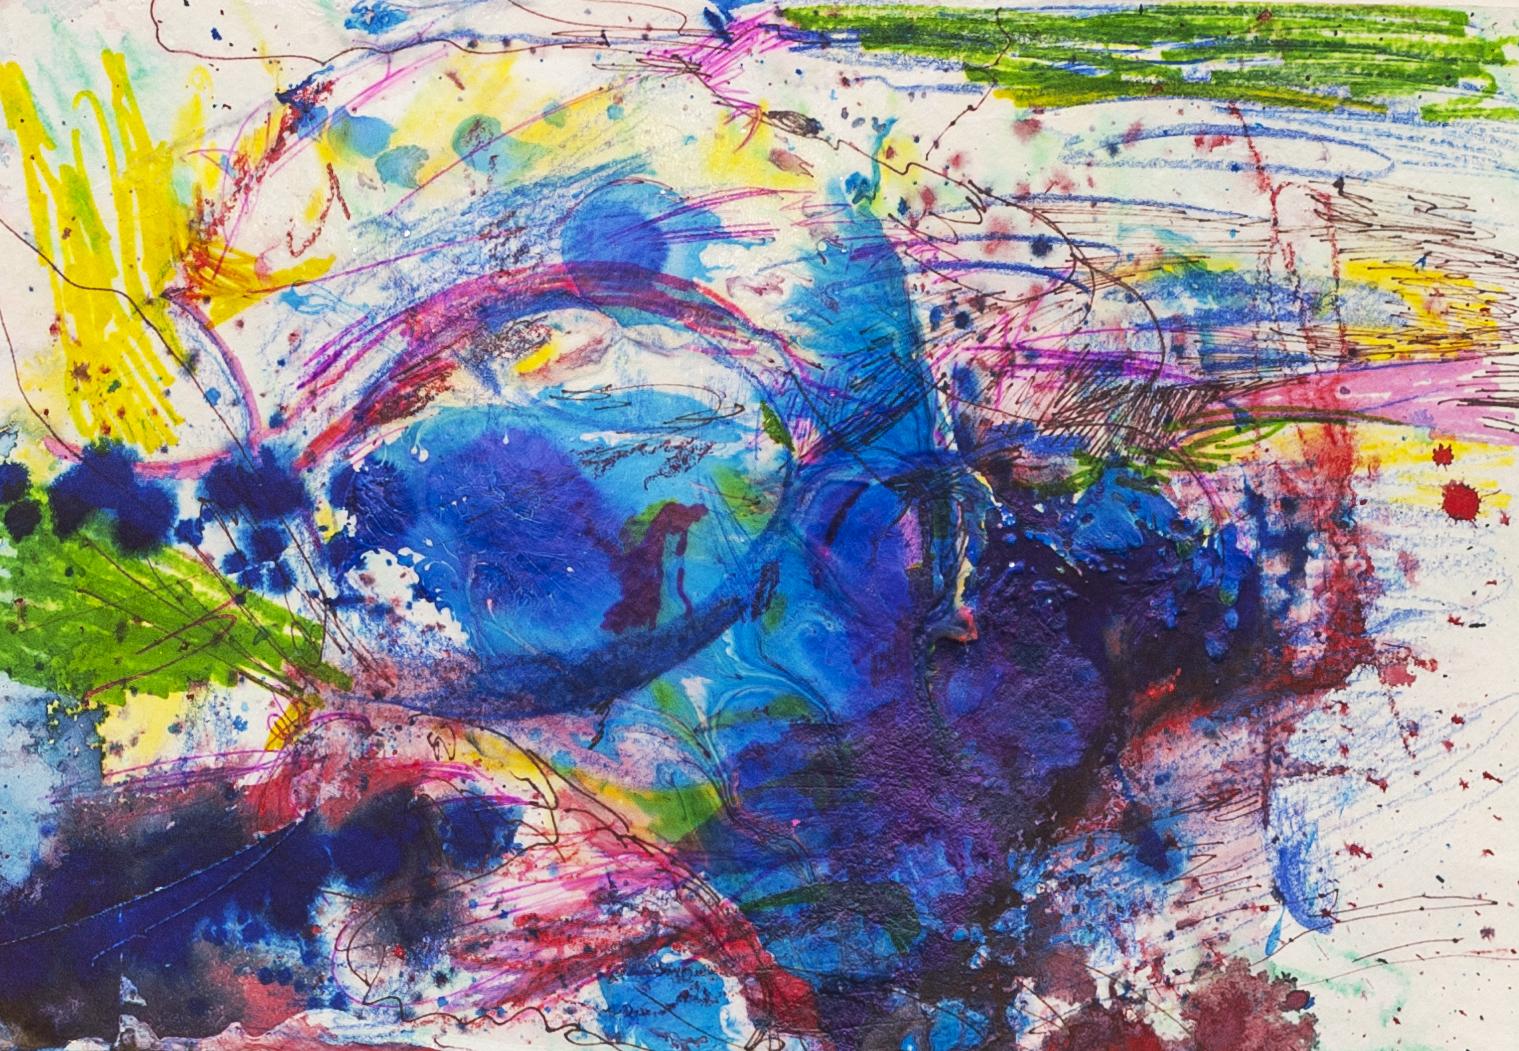 ASM_Aimee Hertog_Planets_8.5x12_Watercolor pencil, gel pen, crayon, acrylic ink, archival glue_800.jpg